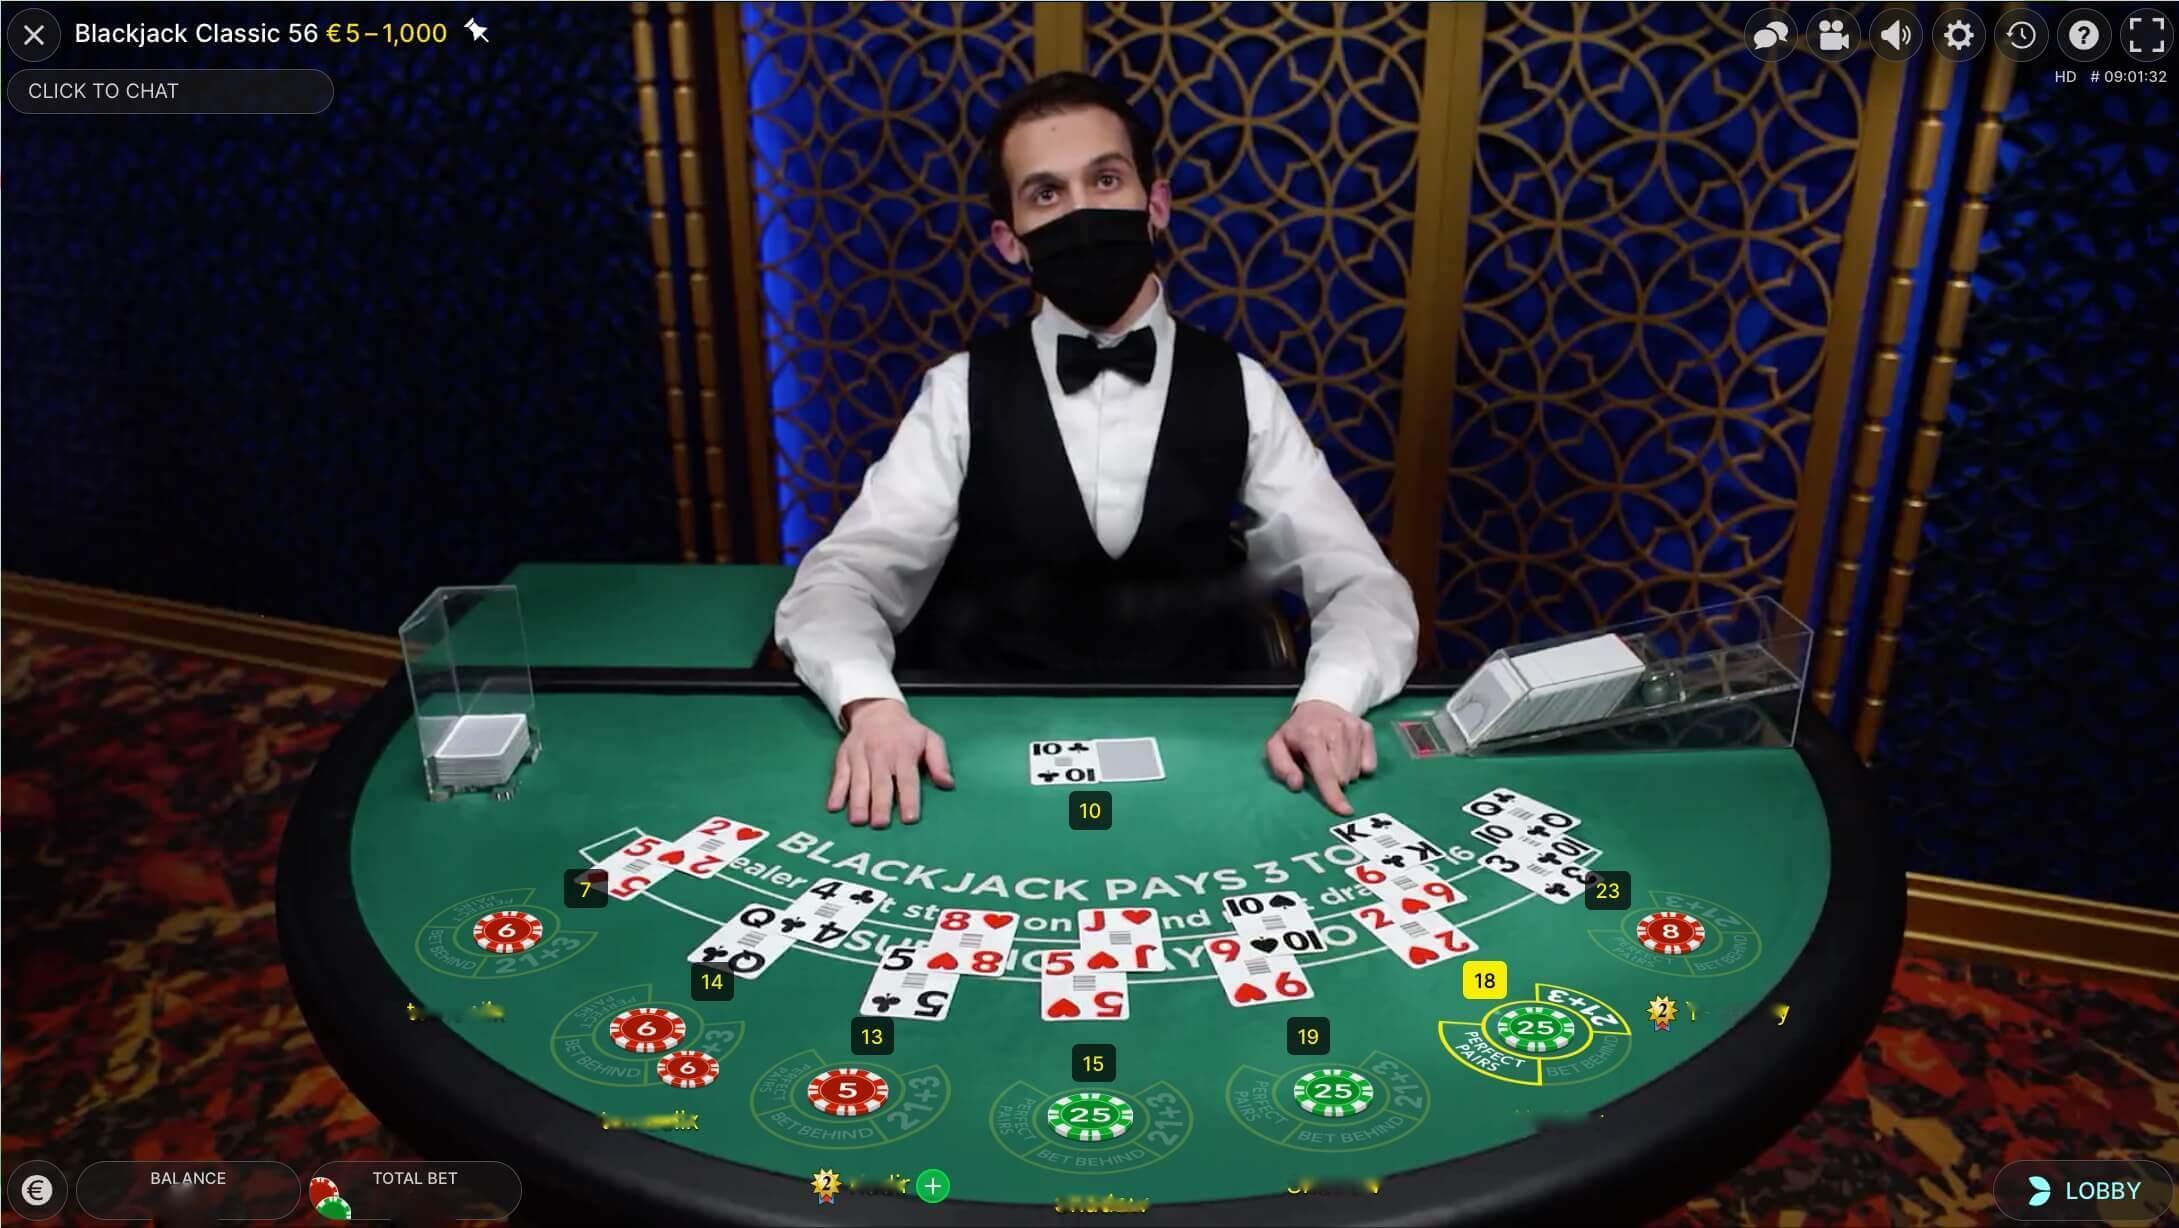 Live blackjack online - Classic Blackjack by Evolution Gaming